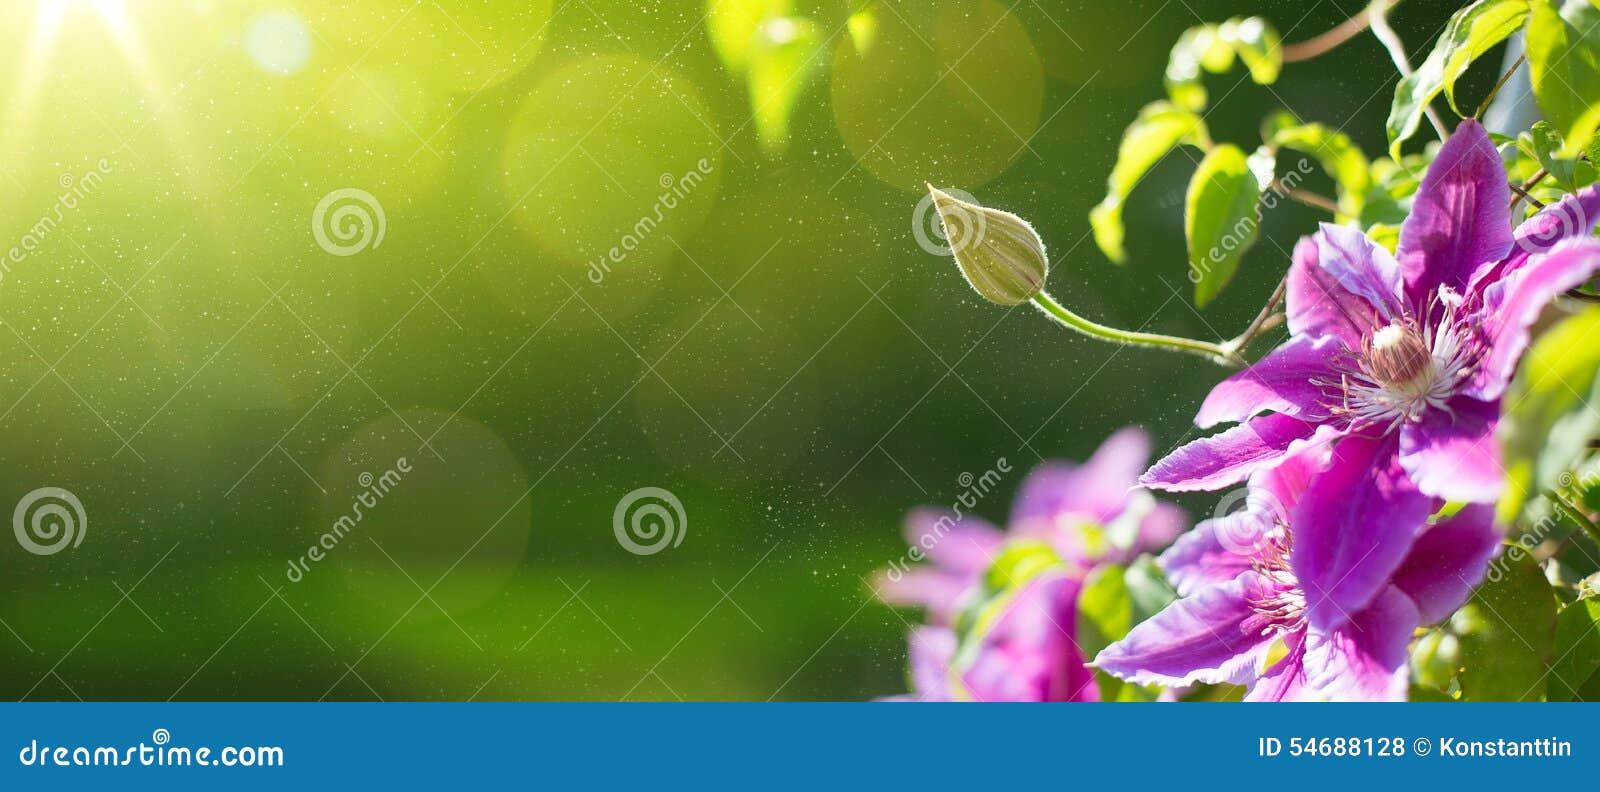 Fondo hermoso del jardín de Art Summer o de la primavera